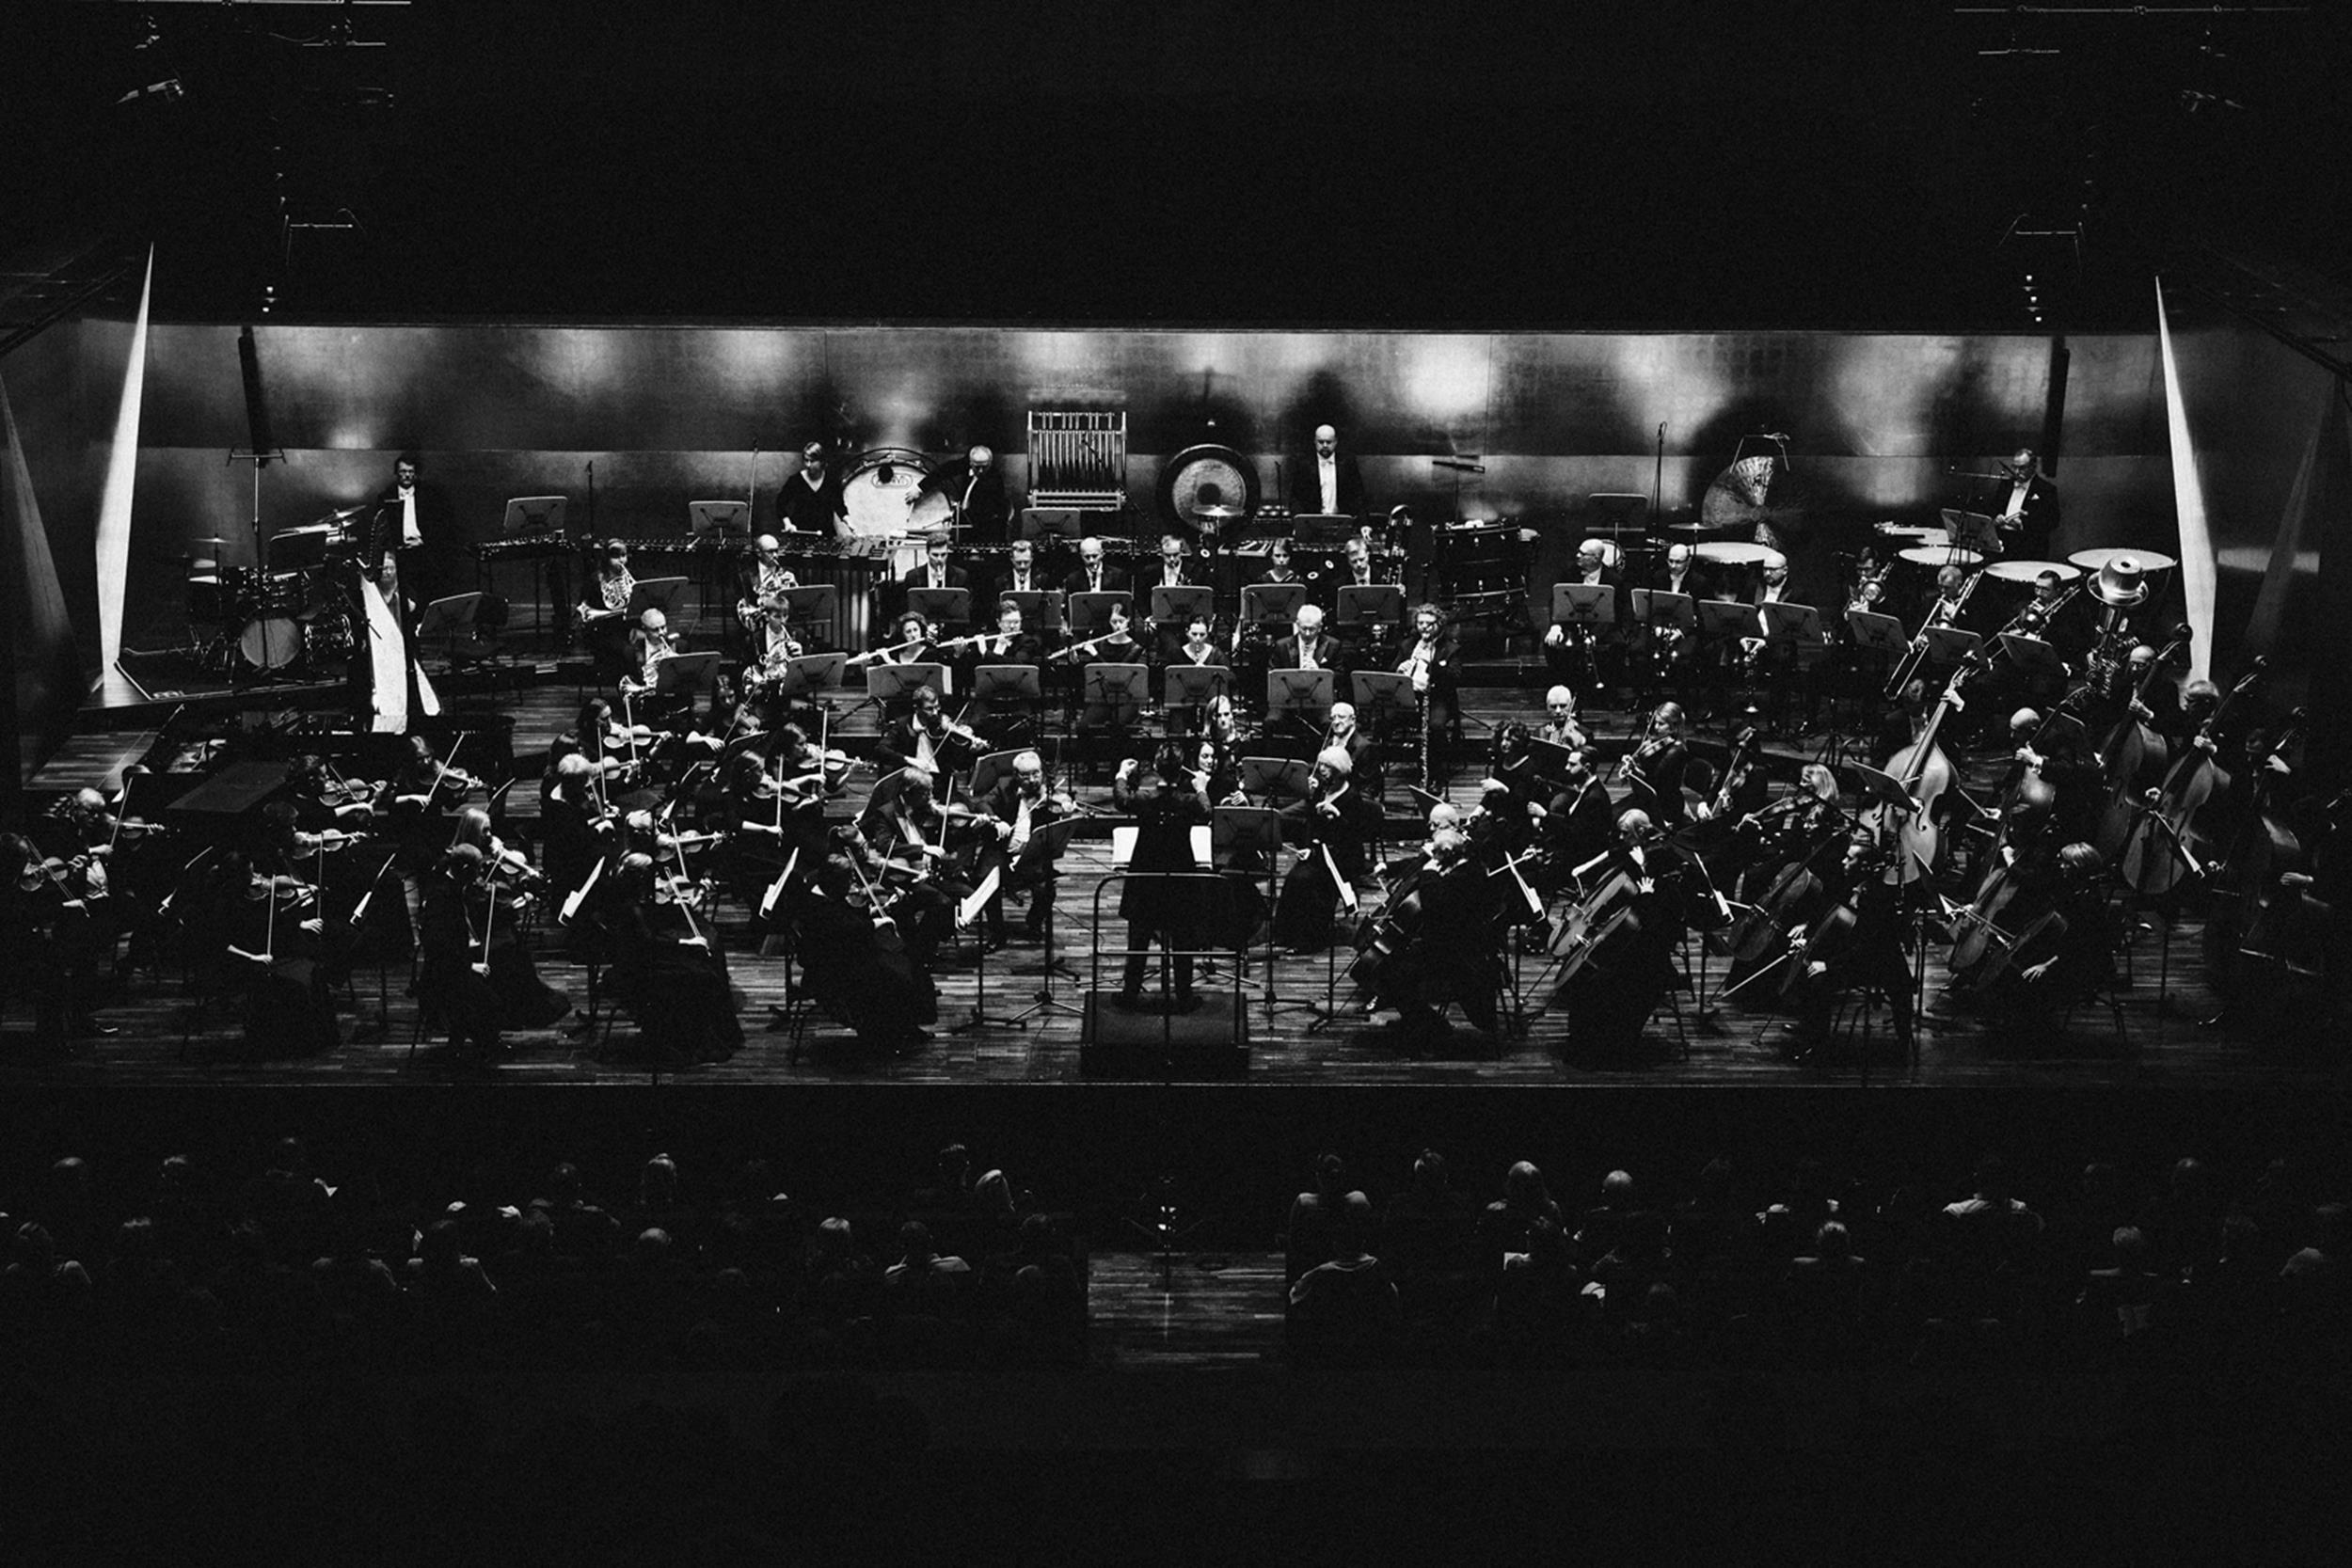 Orkiestra Filharmonii im. M Karłowicza w Szczecinie Fot. Kinga Karpati&Daniel Zarewicz PRESTIGE PORTR